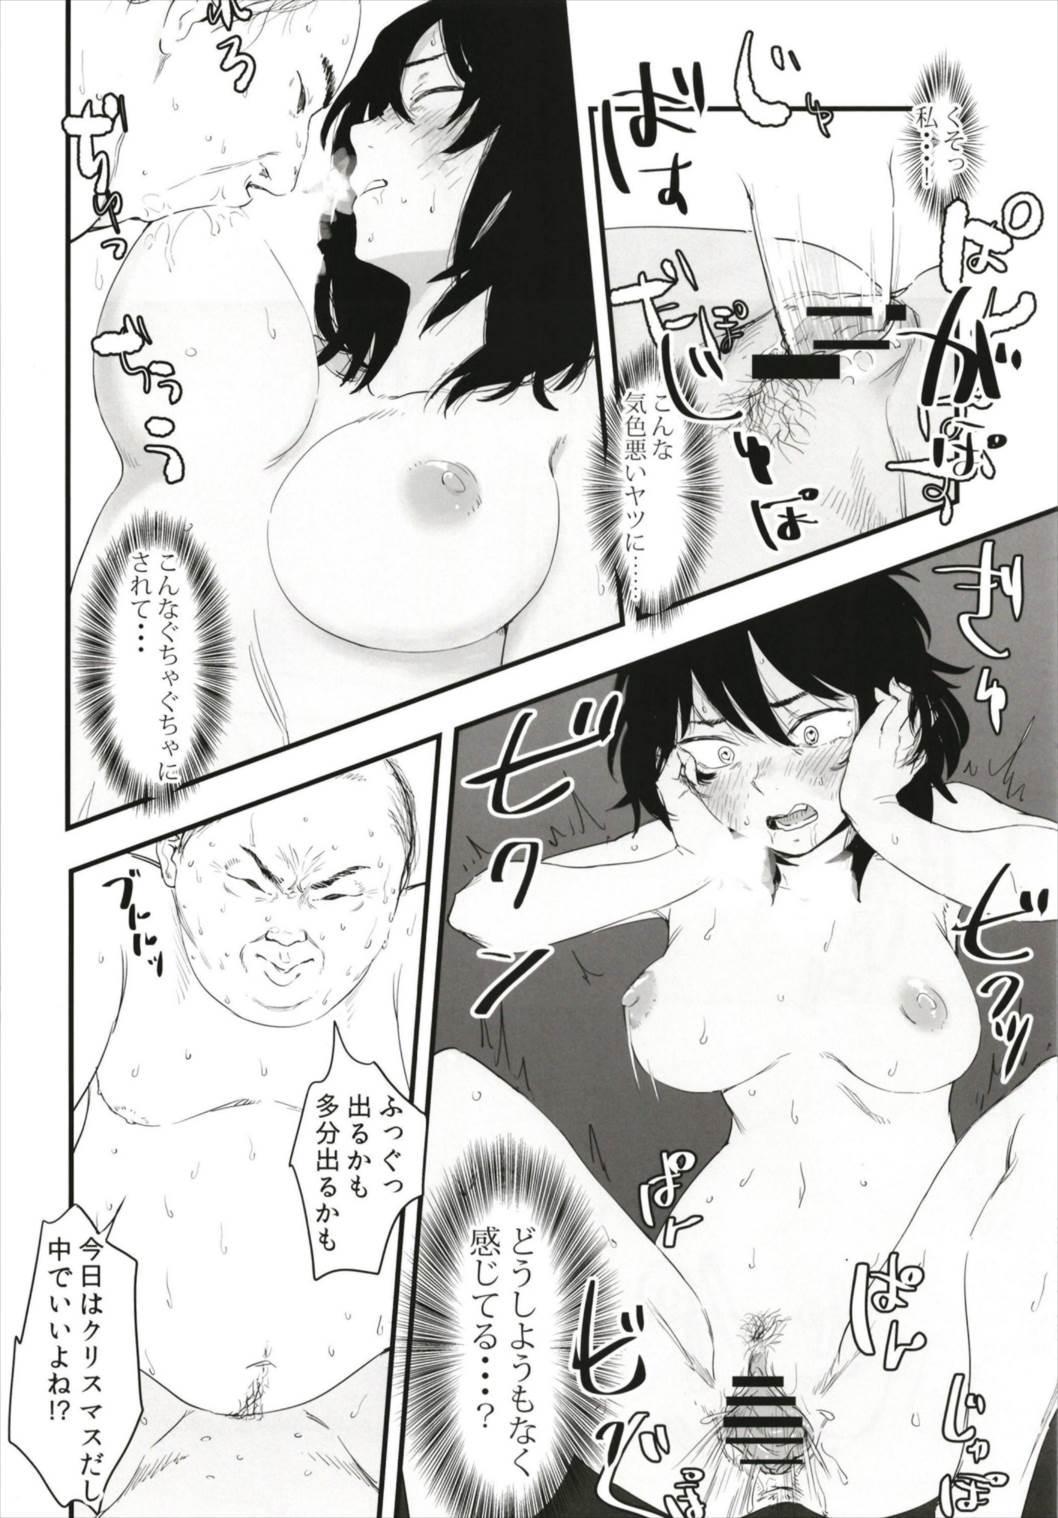 Uto Saori Selection Kono Chara ga Eroi 7